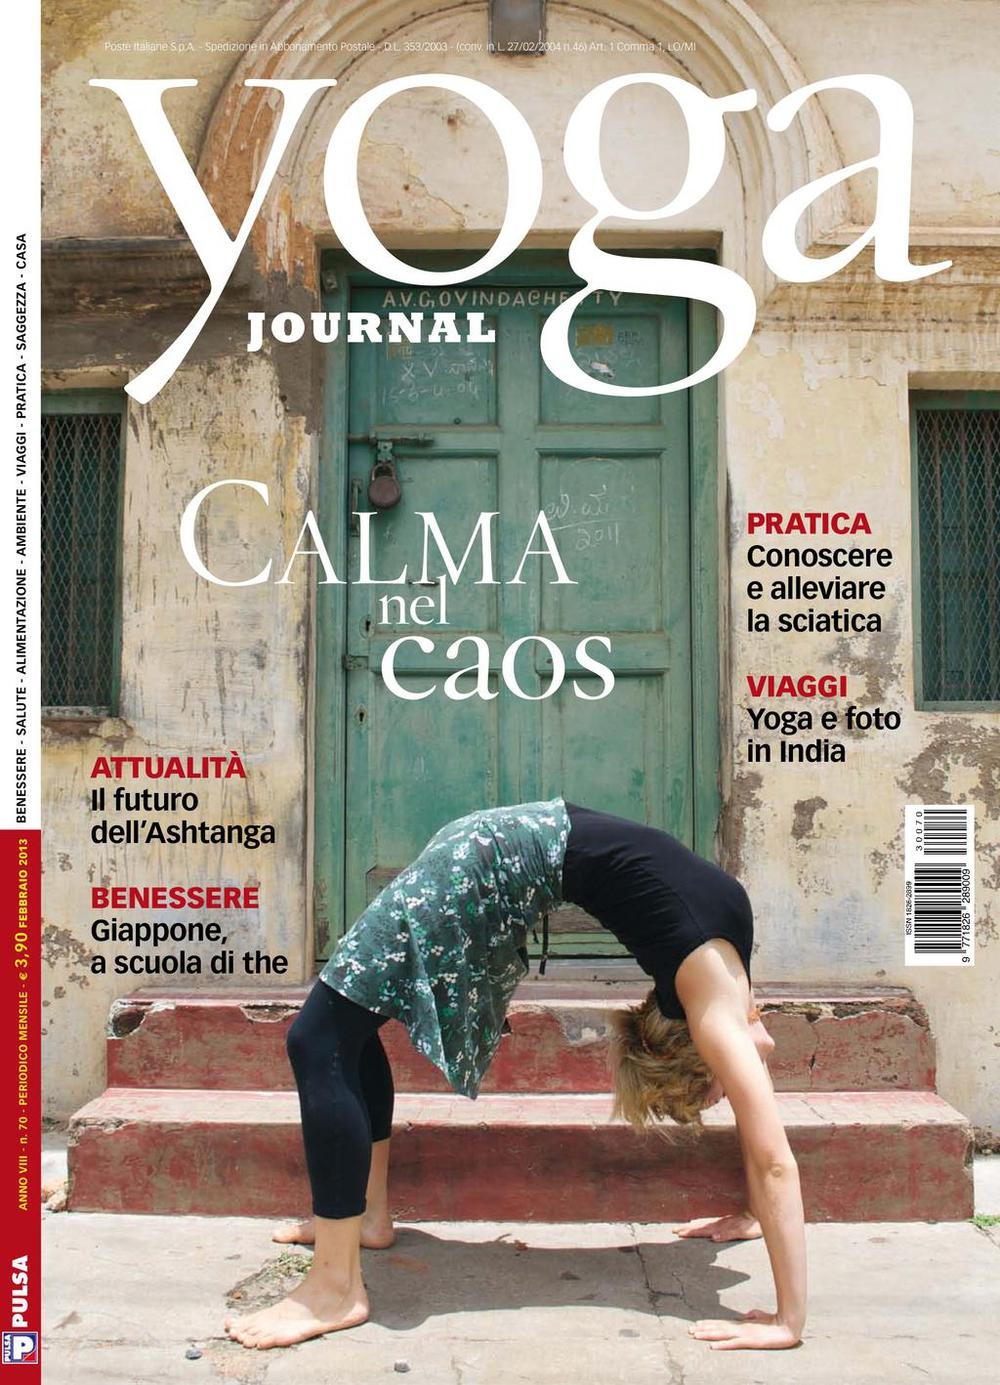 Yoga Journal n. 70